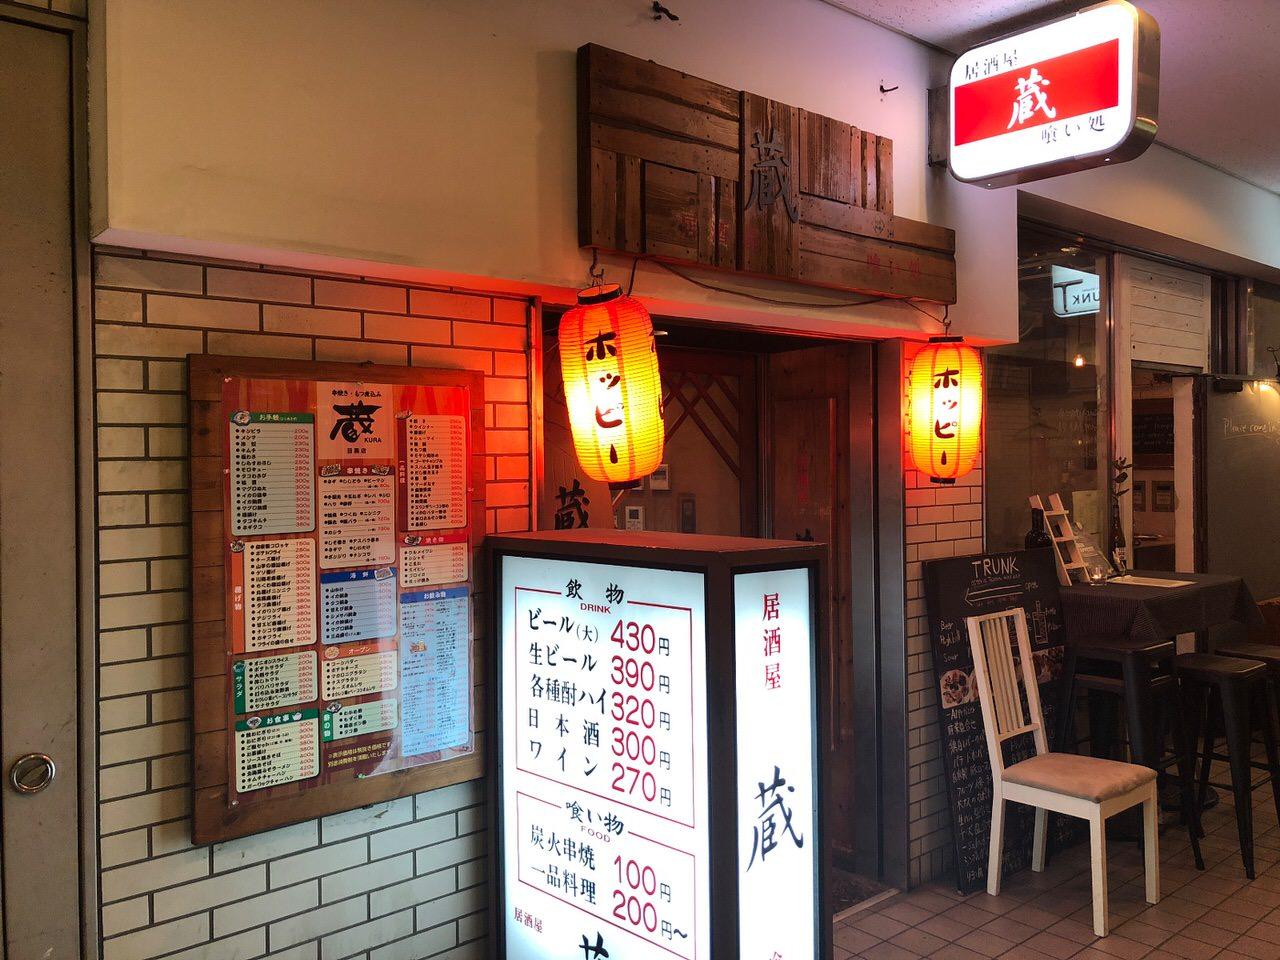 「居酒屋 蔵」0次会OK!ふらりと立ち寄れる目黒駅前の酒場